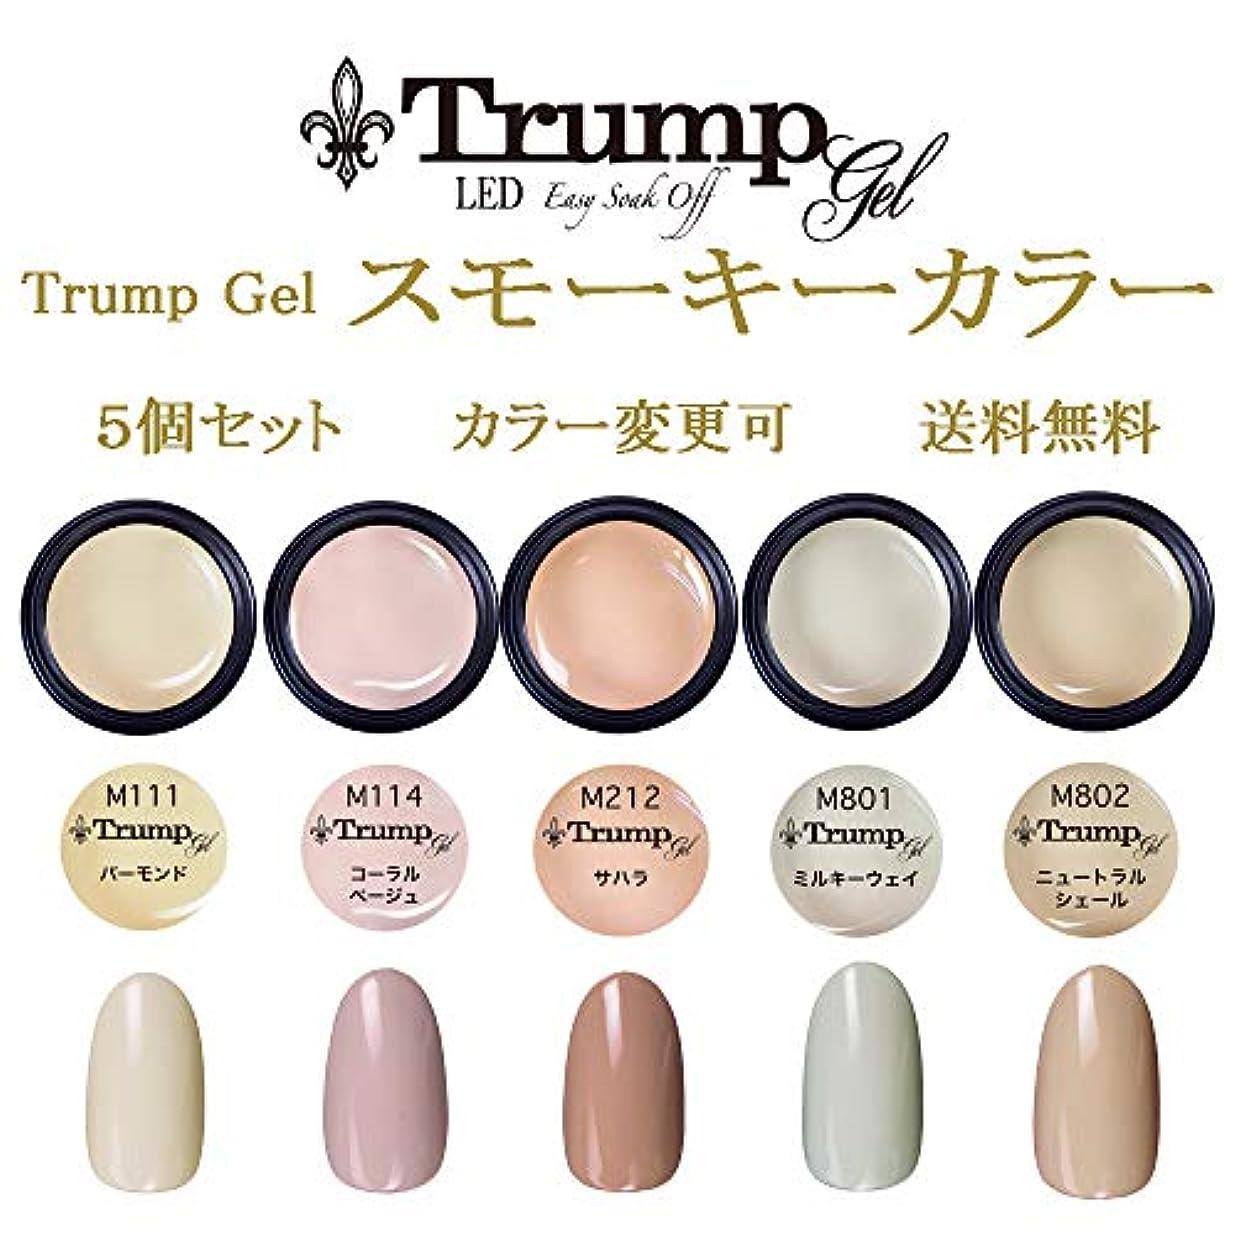 テメリティ文字公園日本製 Trump gel トランプジェル スモーキーカラー 選べる カラージェル 5個セット スモーク ベージュ グレー ブラウン ピンク